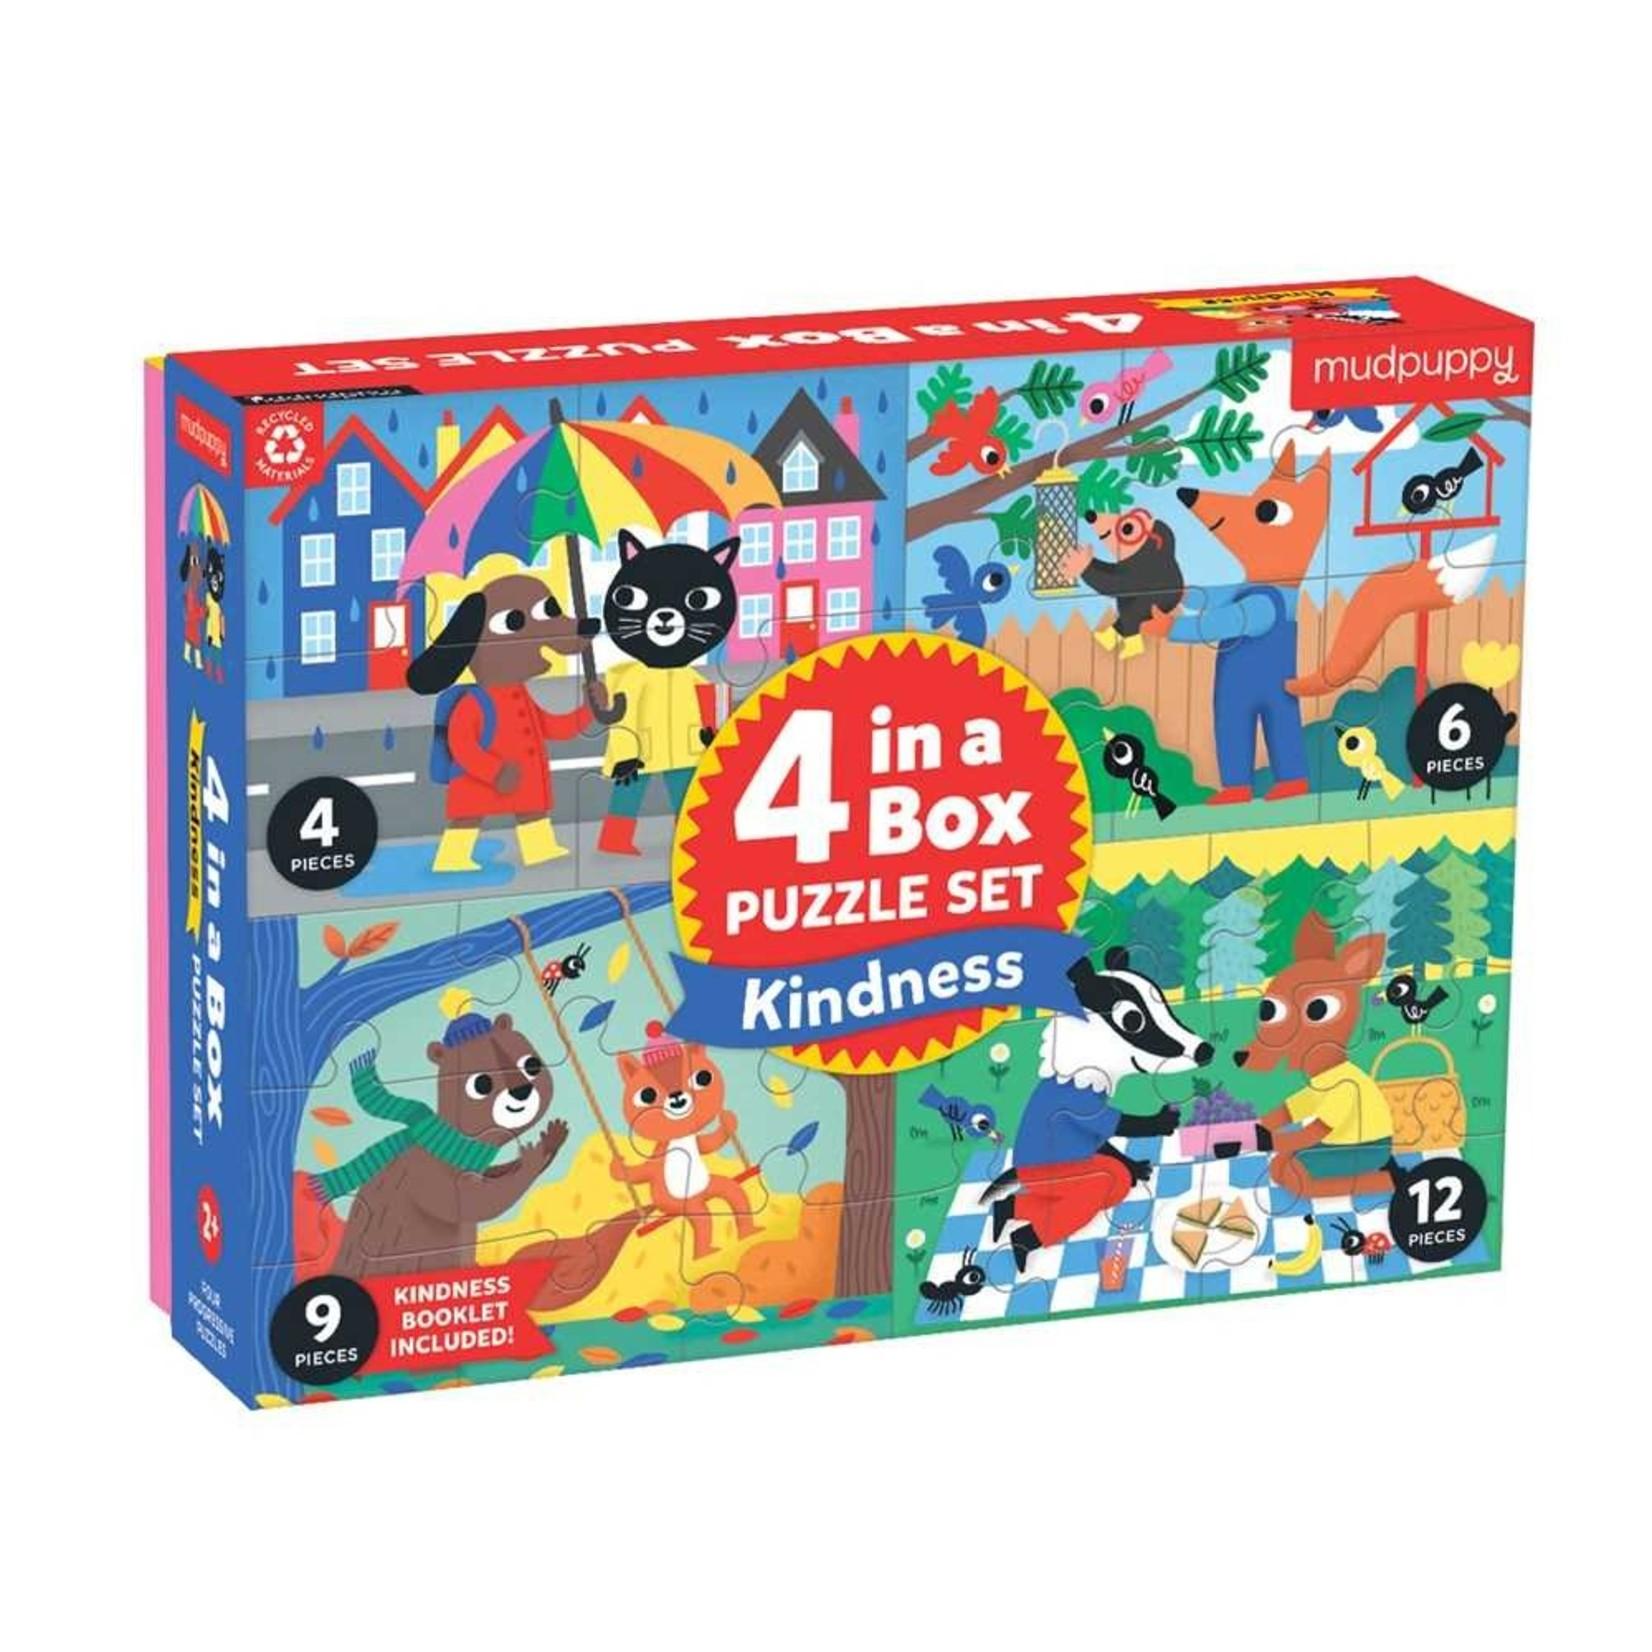 Mudpuppy Kindness 4-in-a-box Puzzle